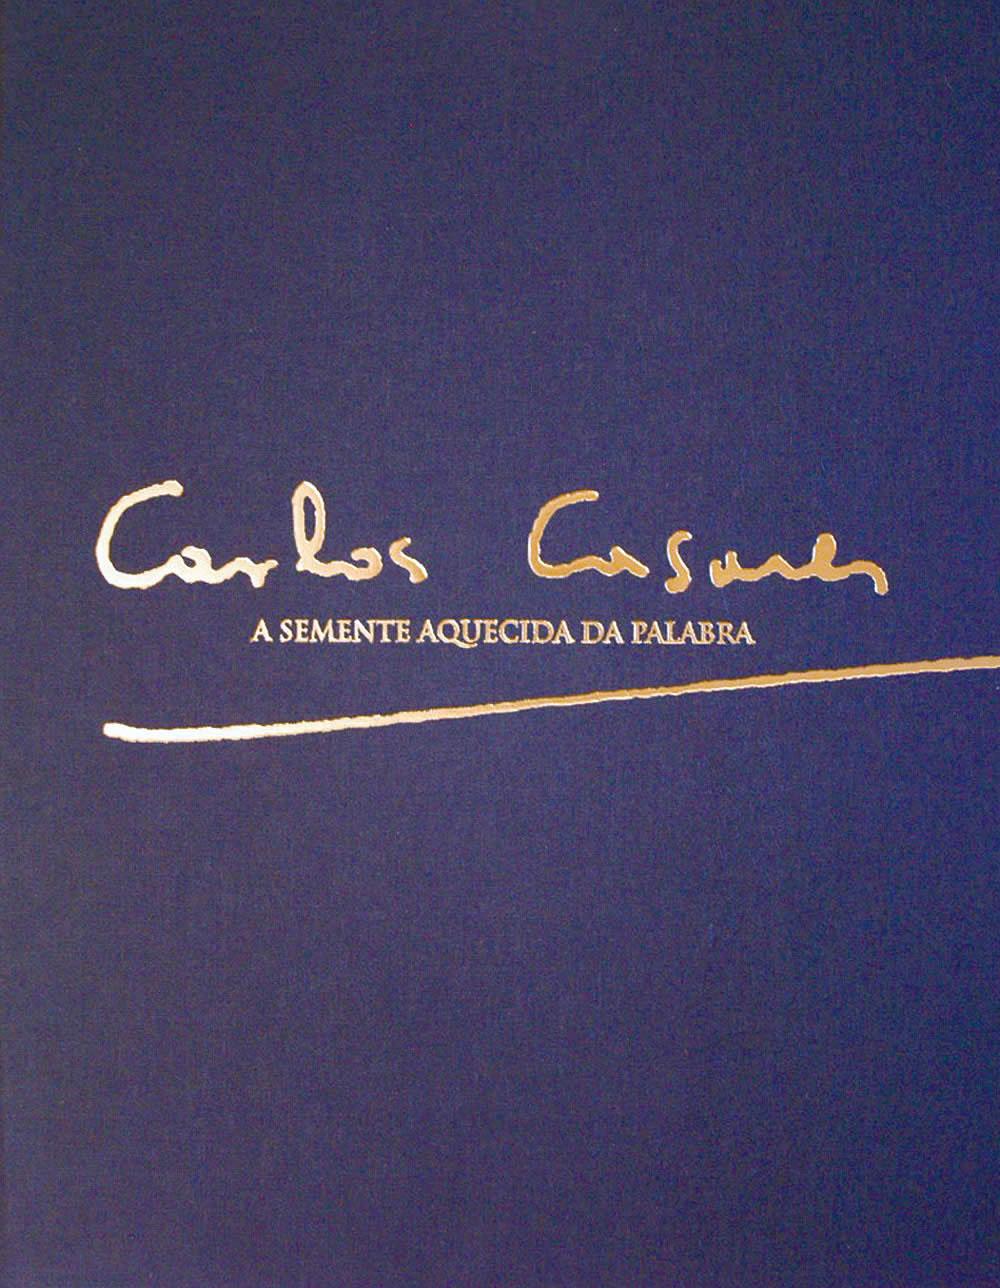 Portada de  Carlos Casares